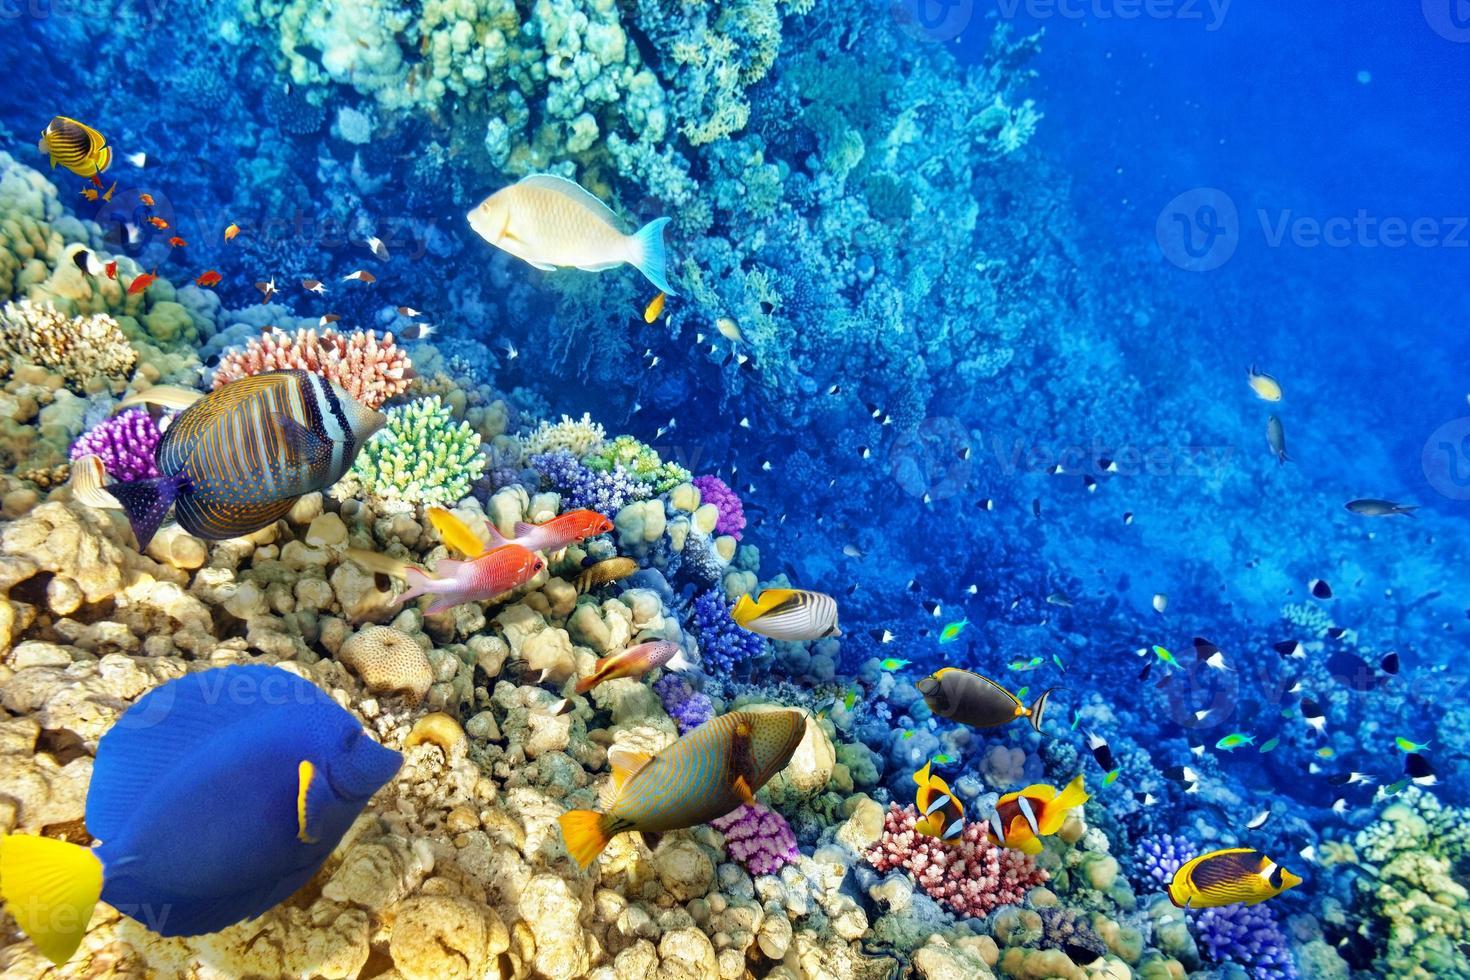 mundo submarino con corales y peces tropicales. foto